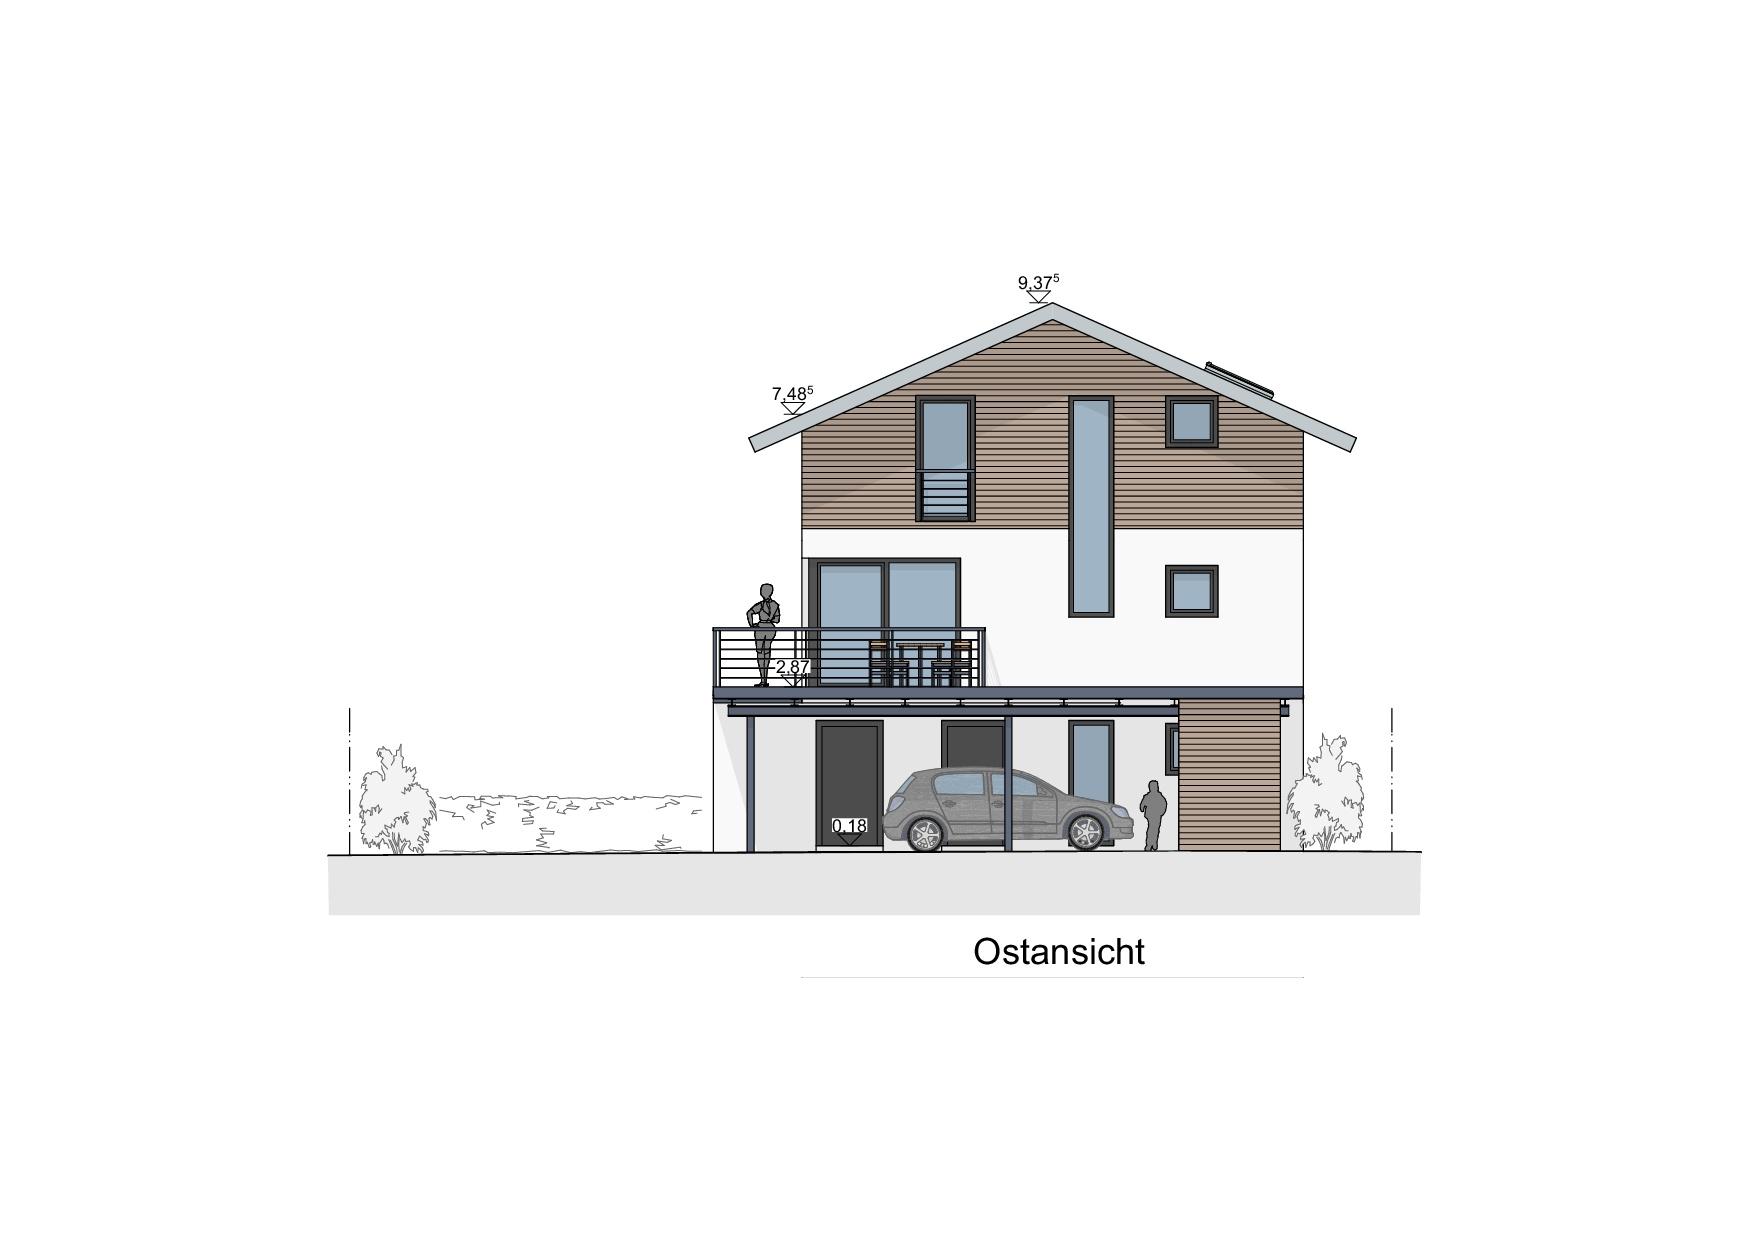 Einfamilienhaus mit Geschäftsbereich in Lindenberg - Ostansicht